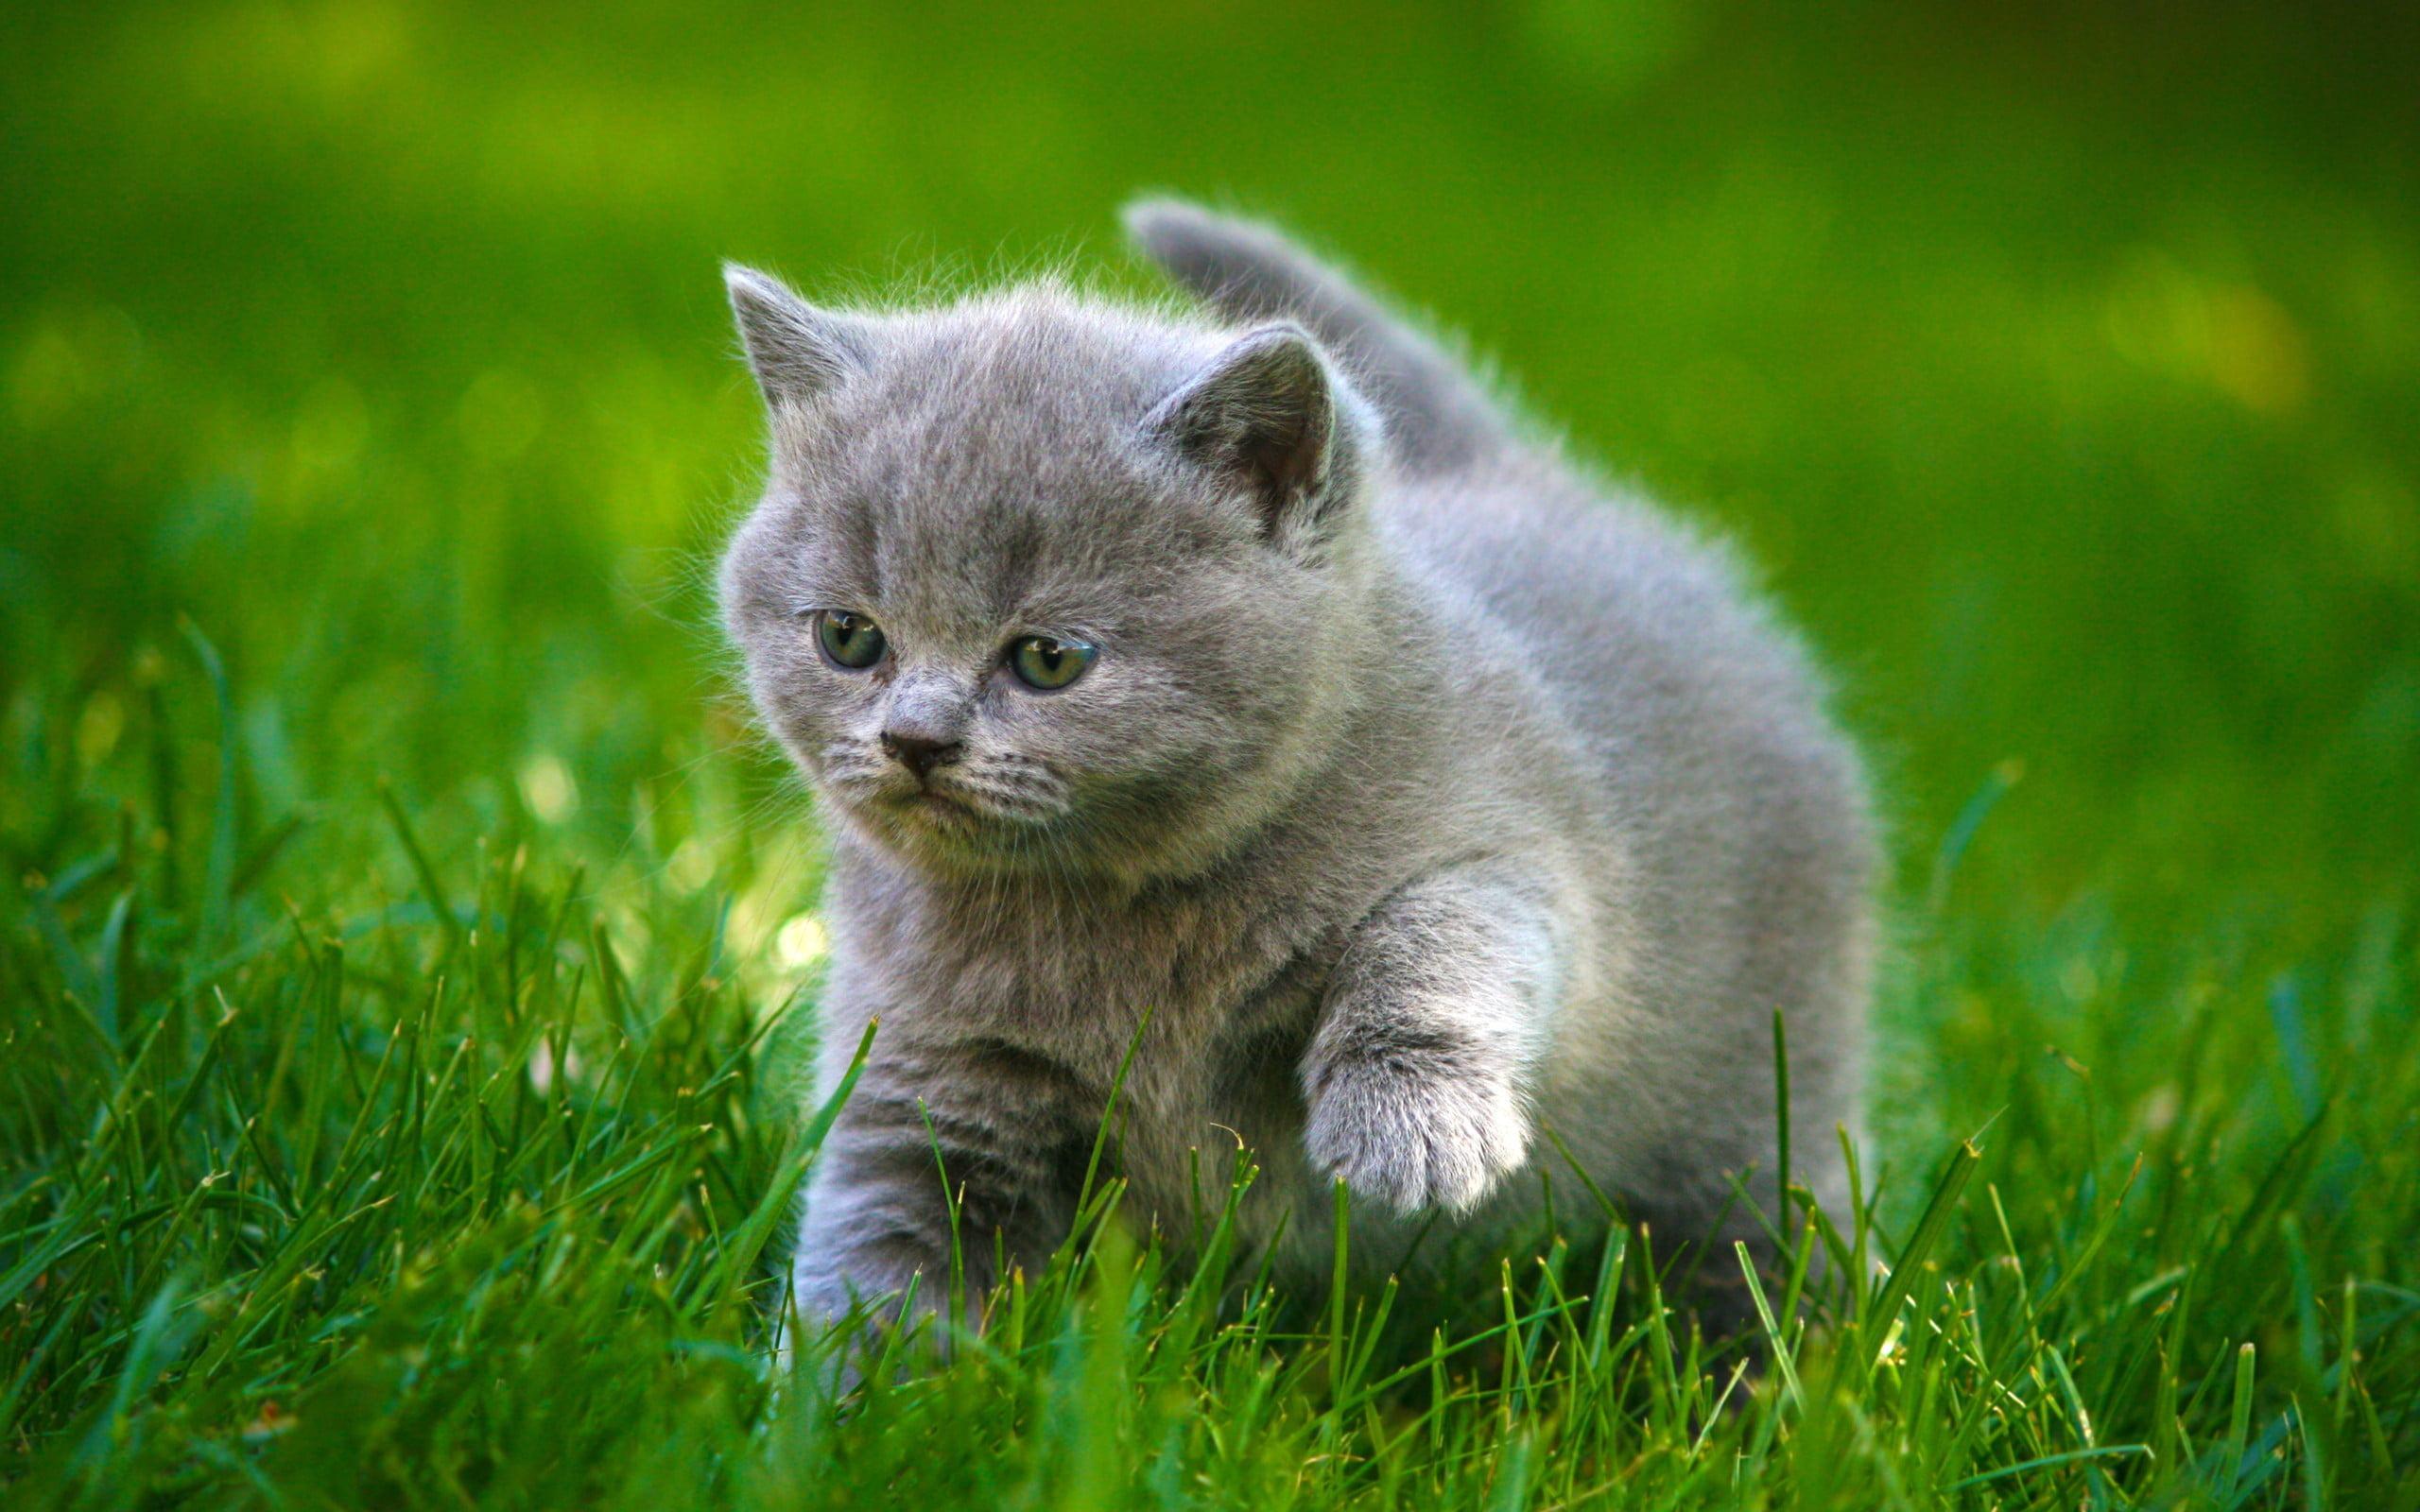 Hình ảnh dễ thương của chú mèo con đang đi trên cỏ